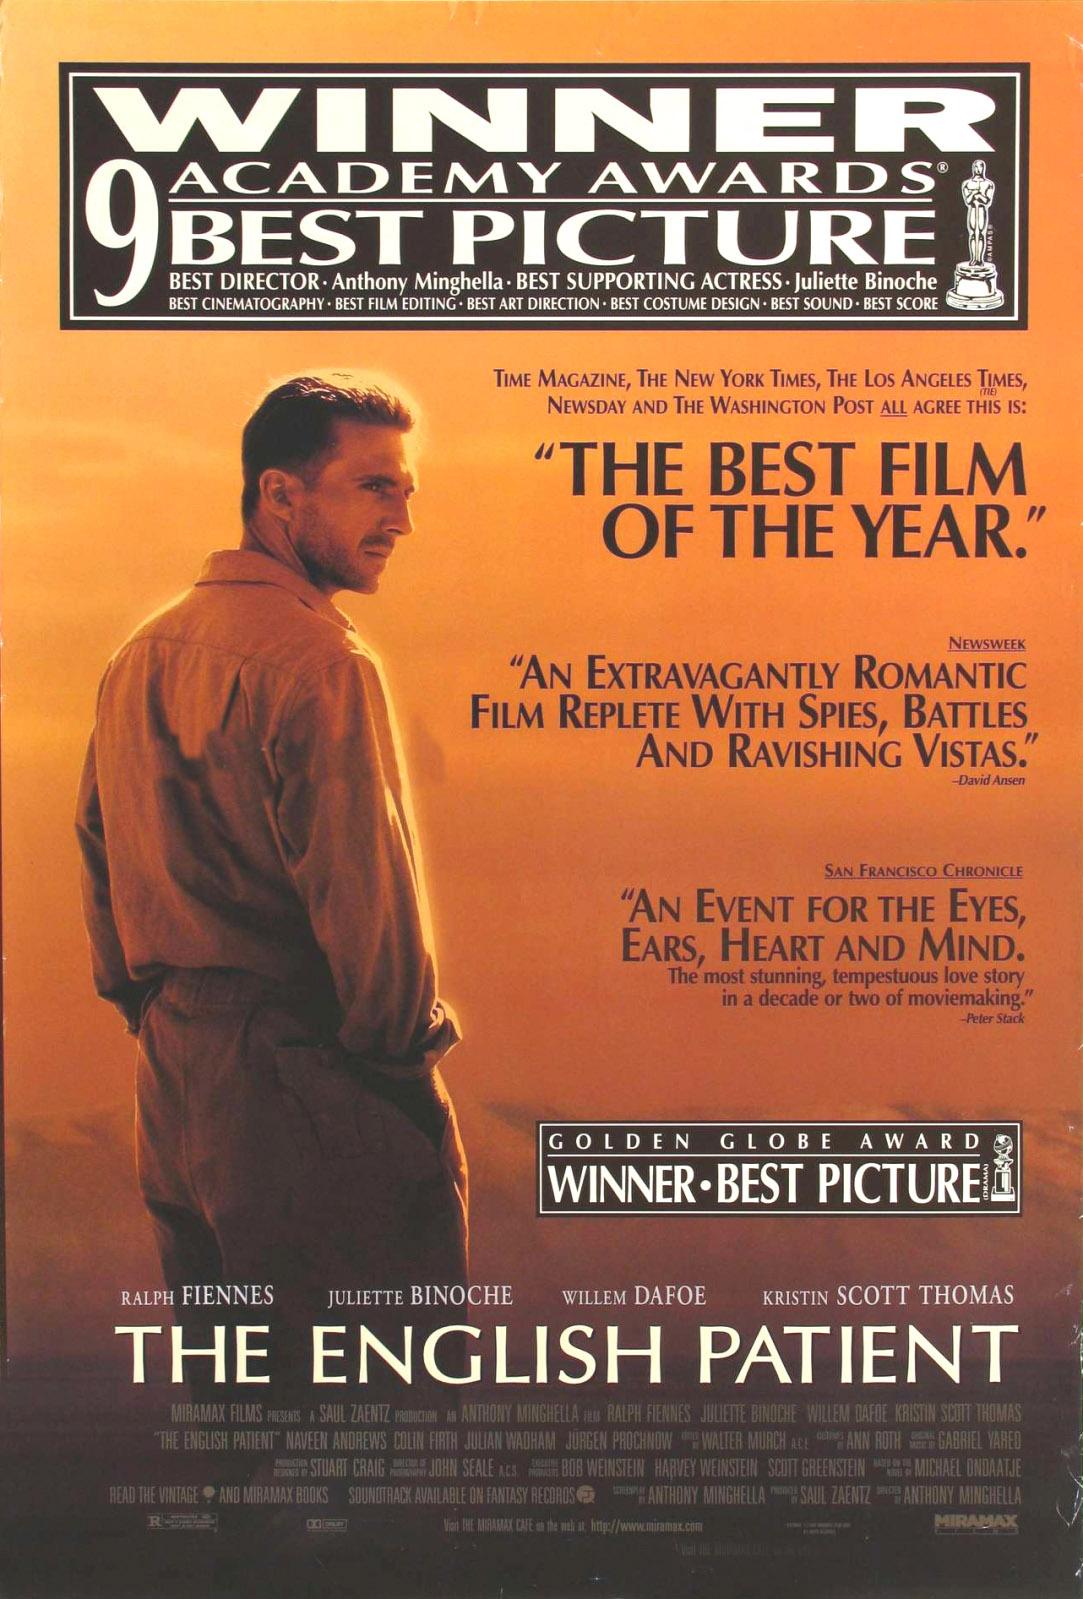 The English Patient 1996 Verdoux